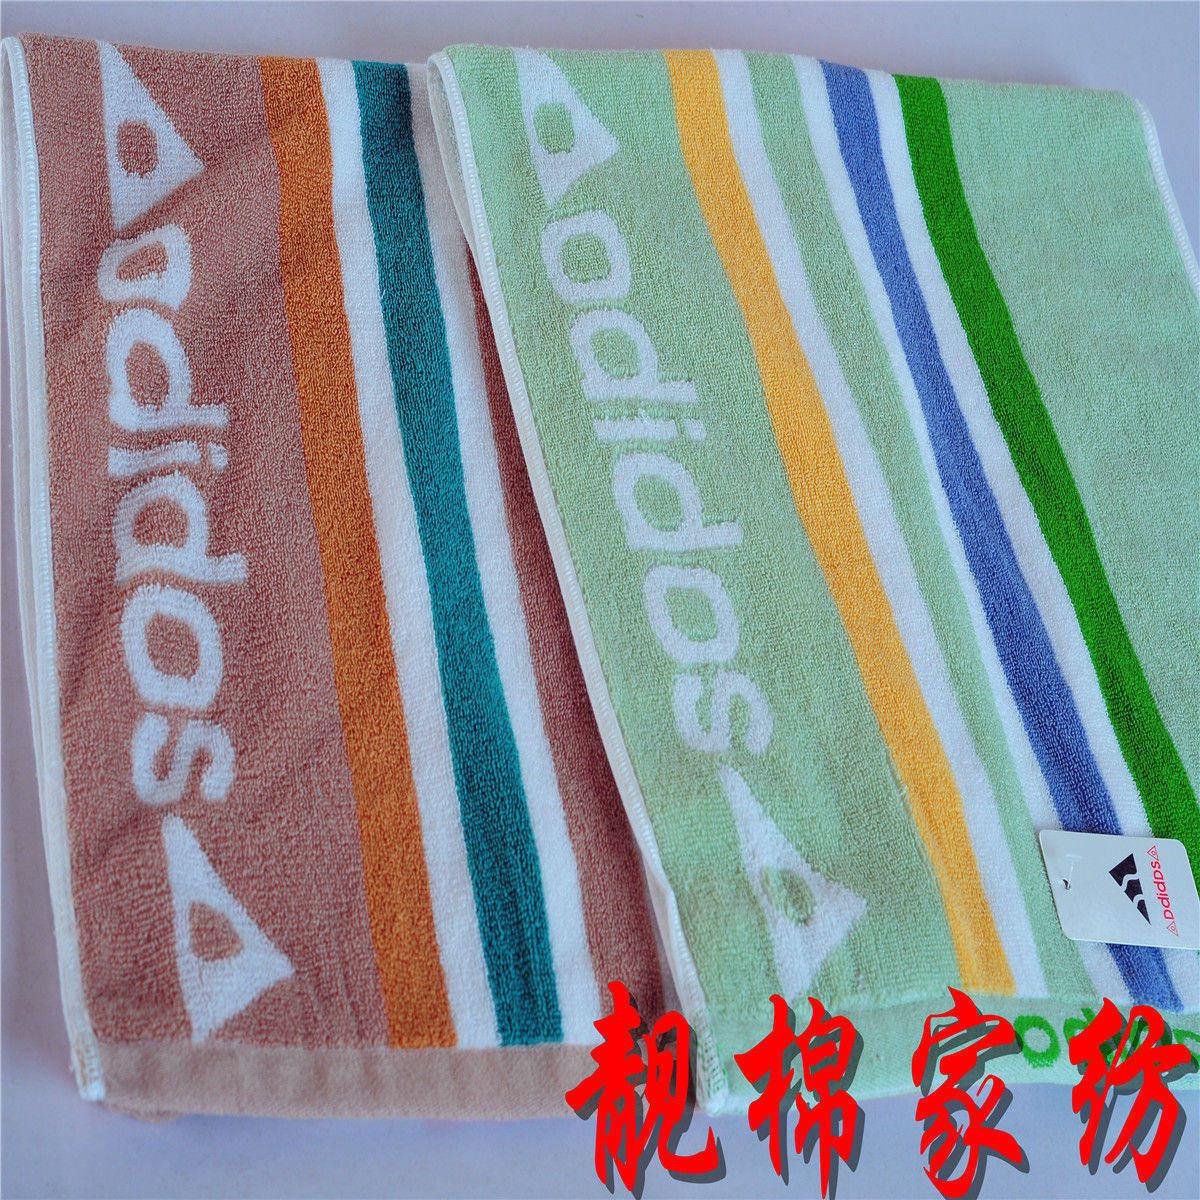 Полотенце Adidas 32 поглощающей полотенце спортивное полотенце